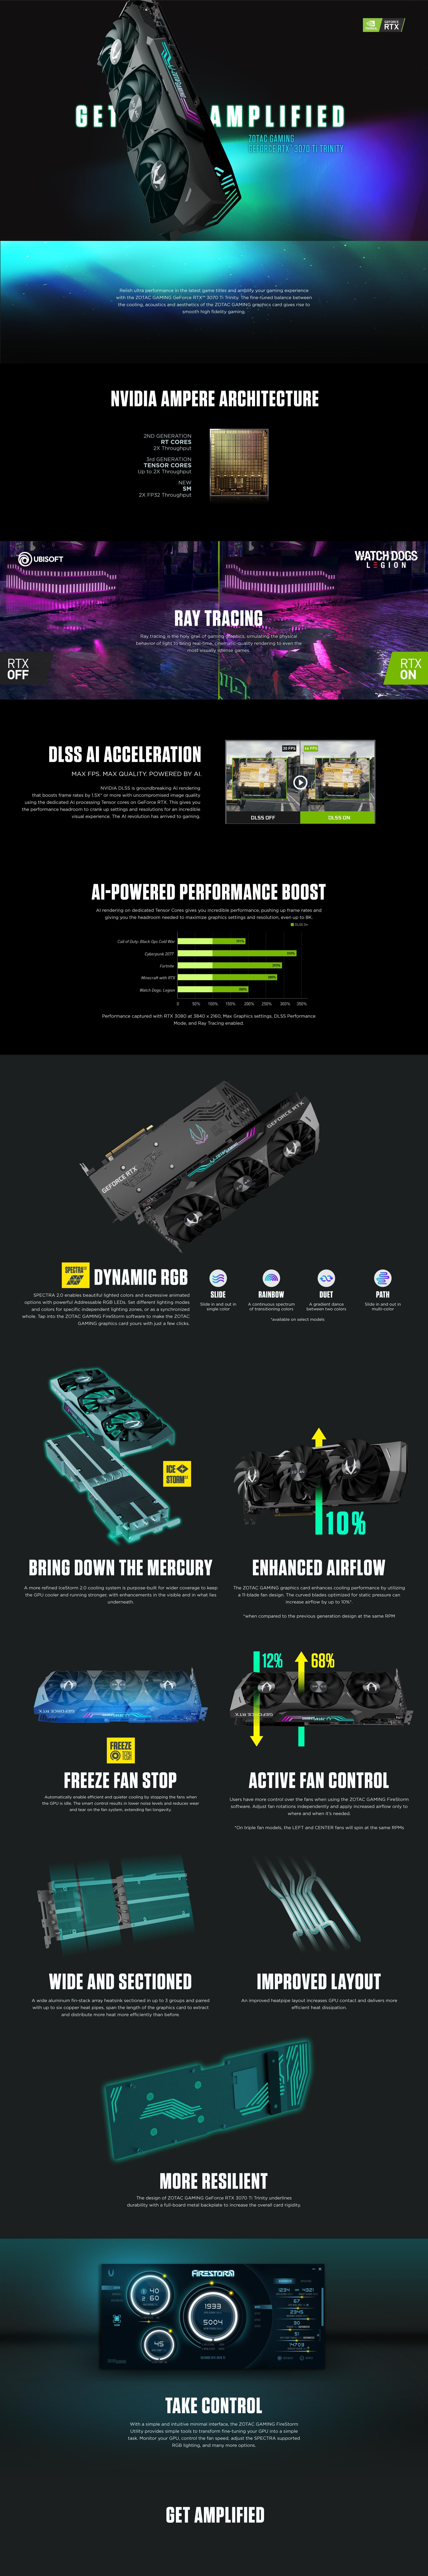 ZOTAC GAMING GEFORCE RTX 3070 TI TRINITY 8GB